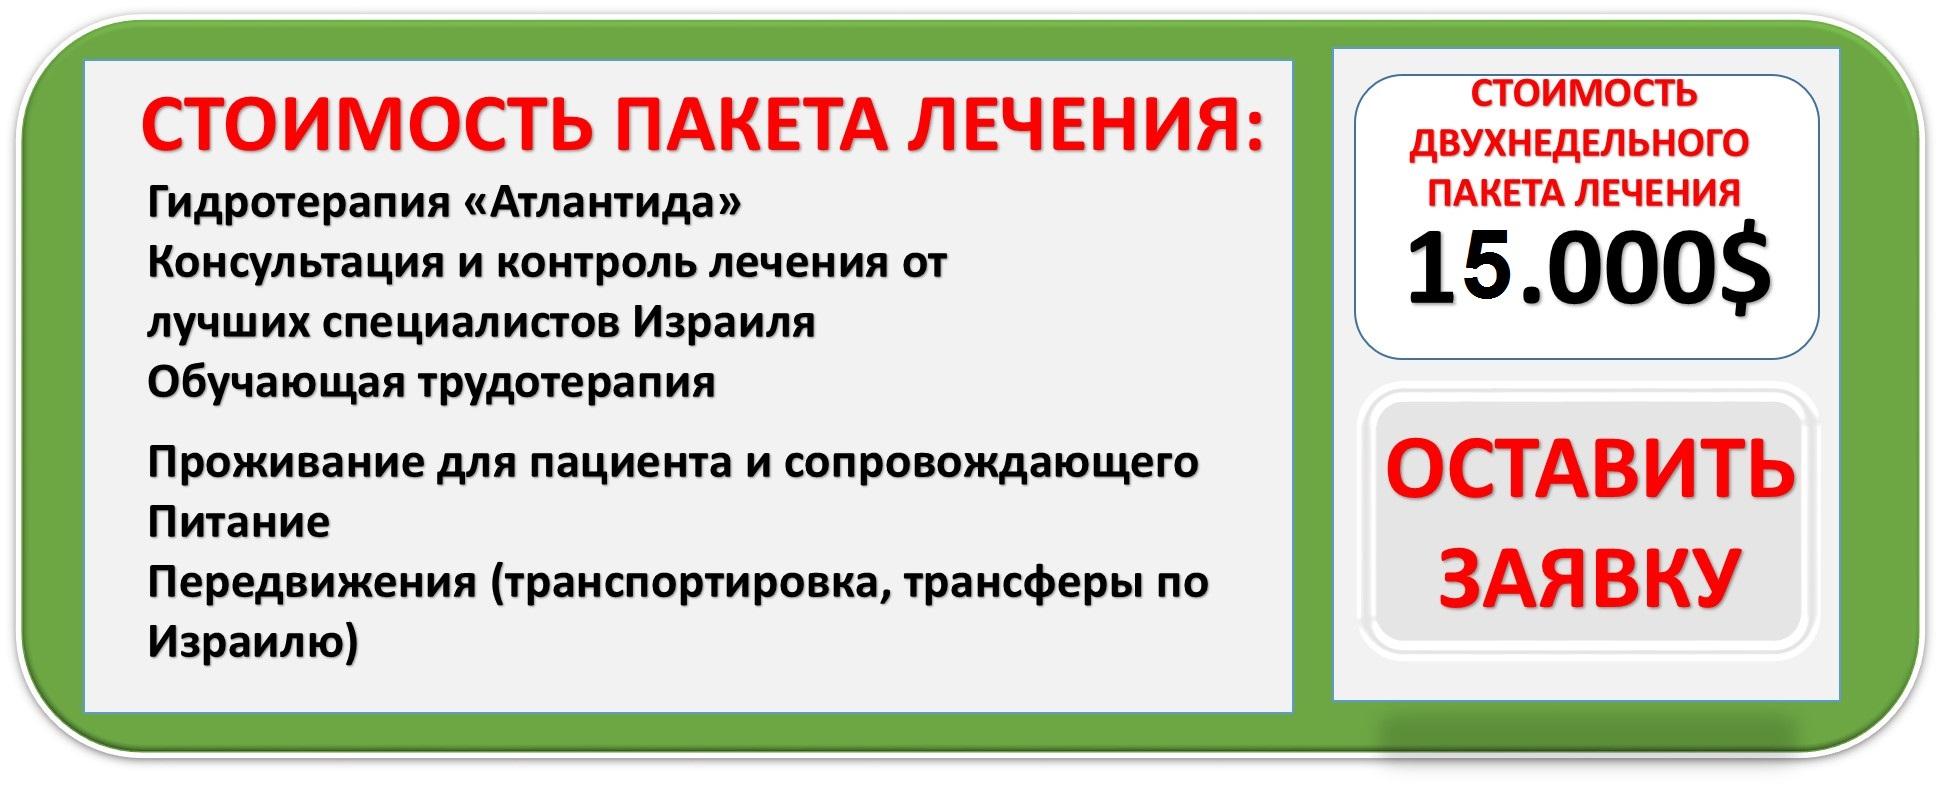 ДЦП ЦЕНА123